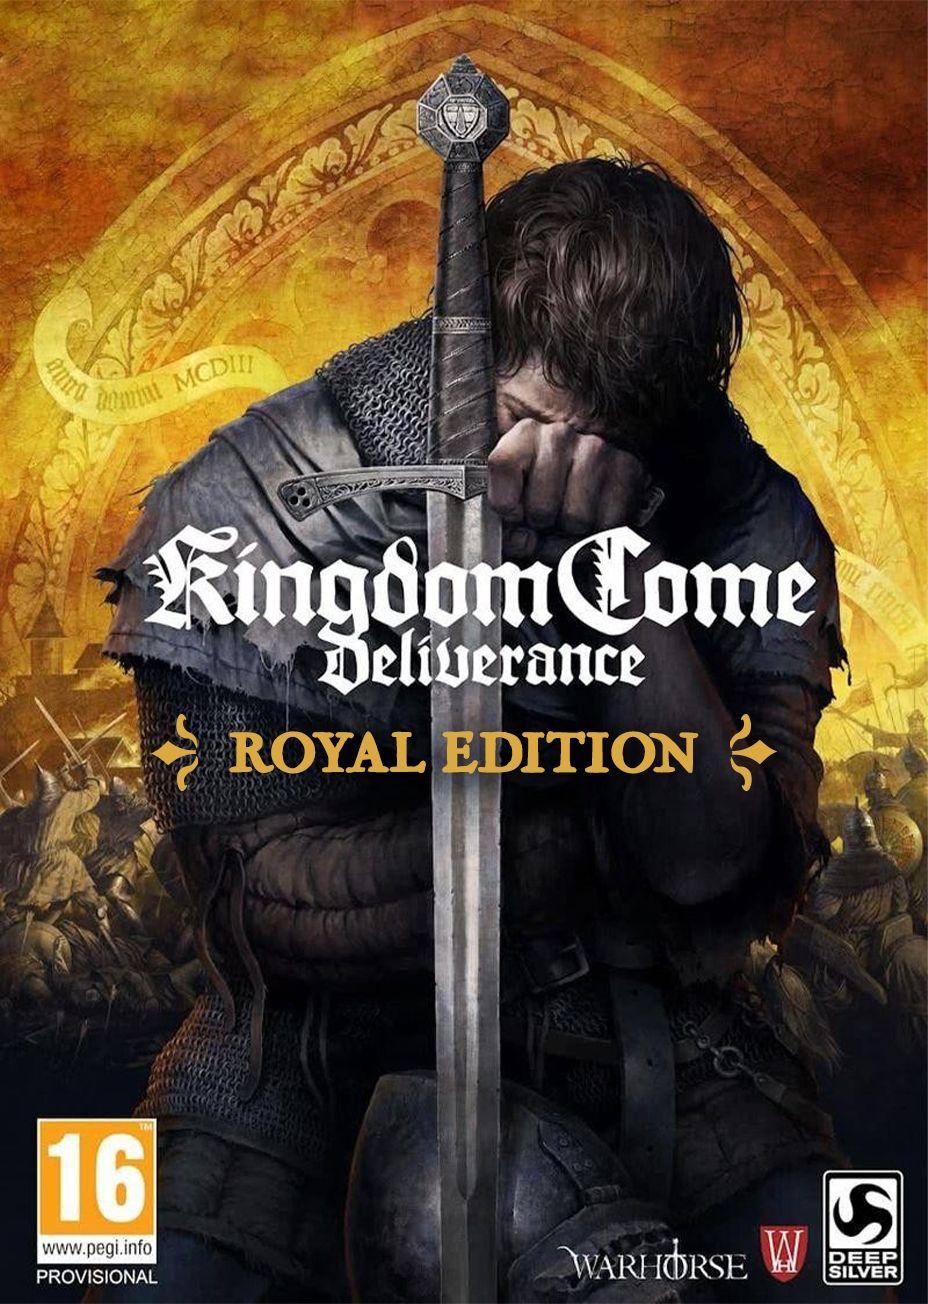 [Steam] Kingdom Come: Deliverance Royal Edition £11.89 @ Steam Store